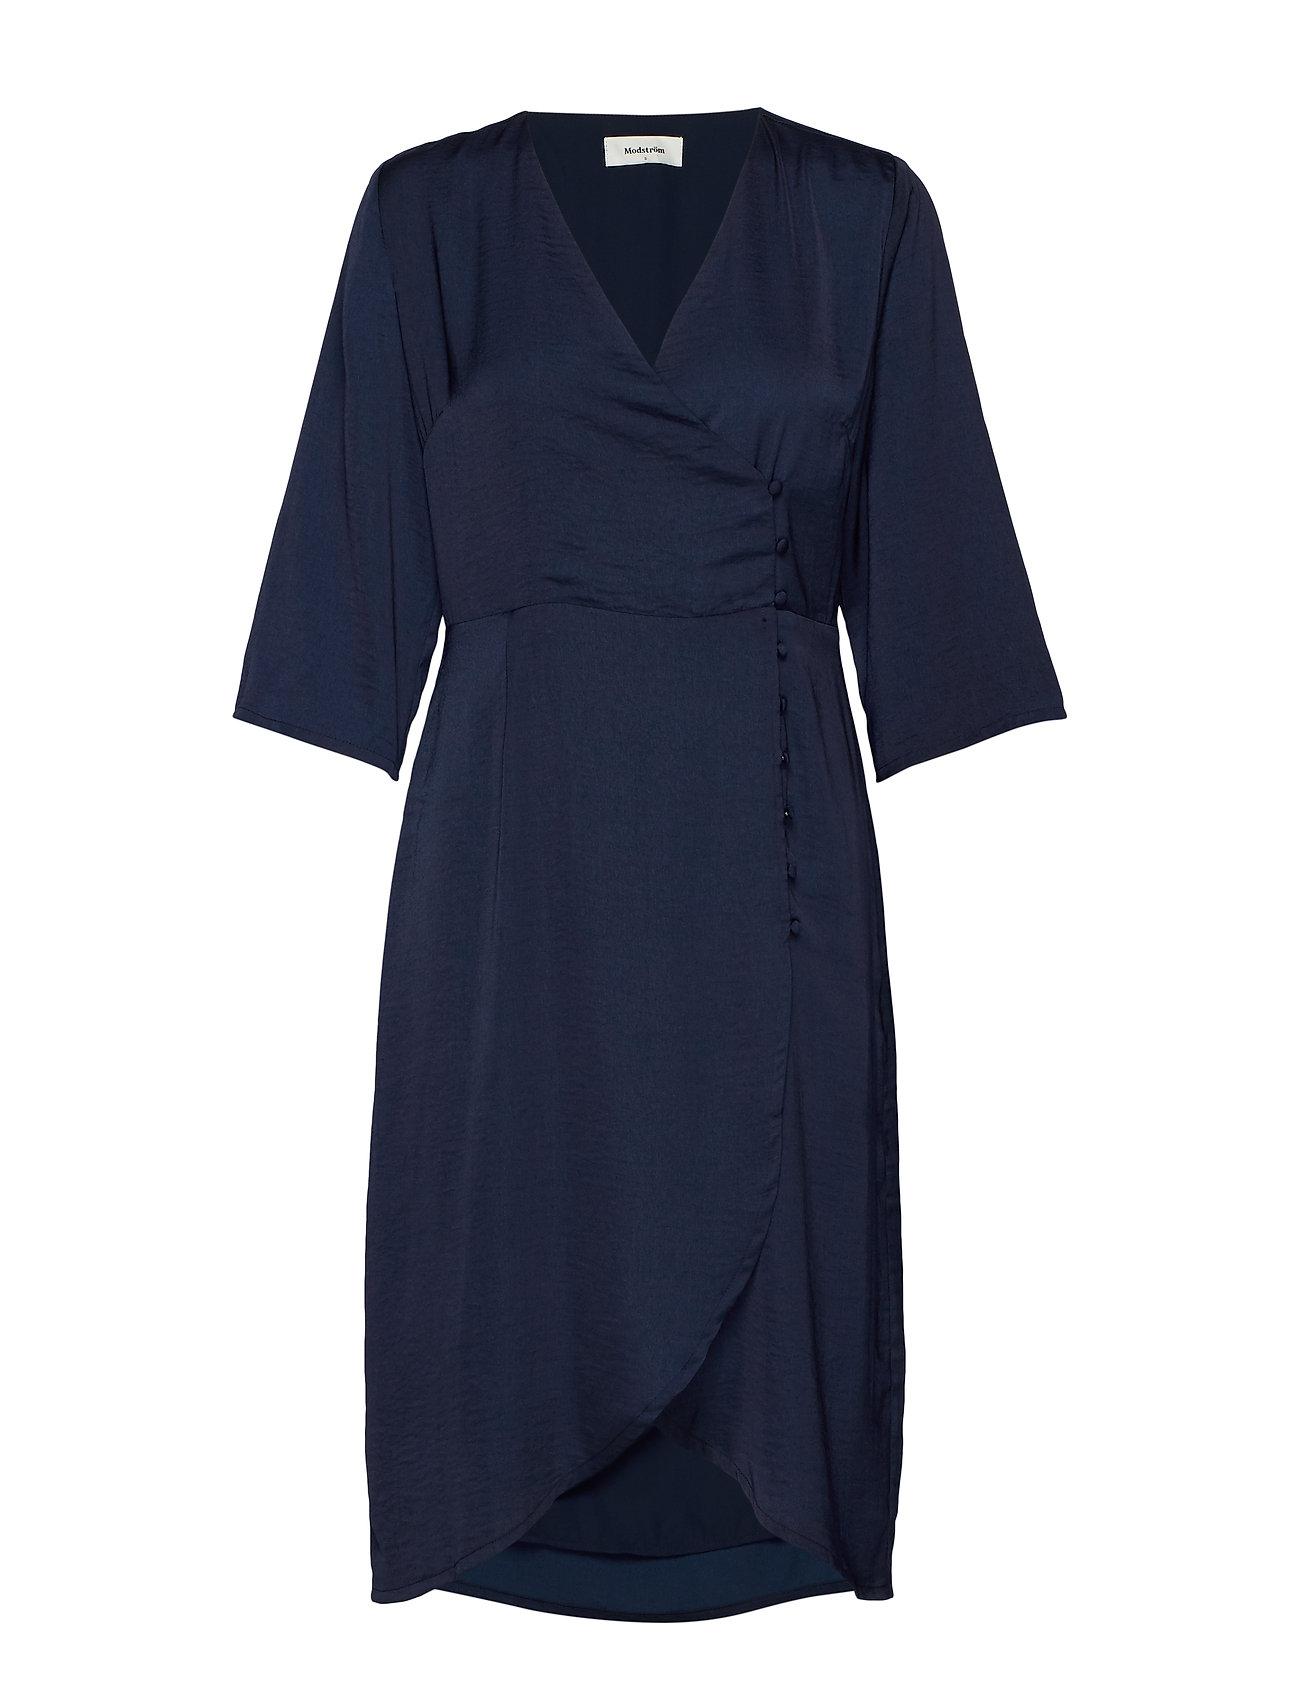 Modström Said dress - NAVY SKY